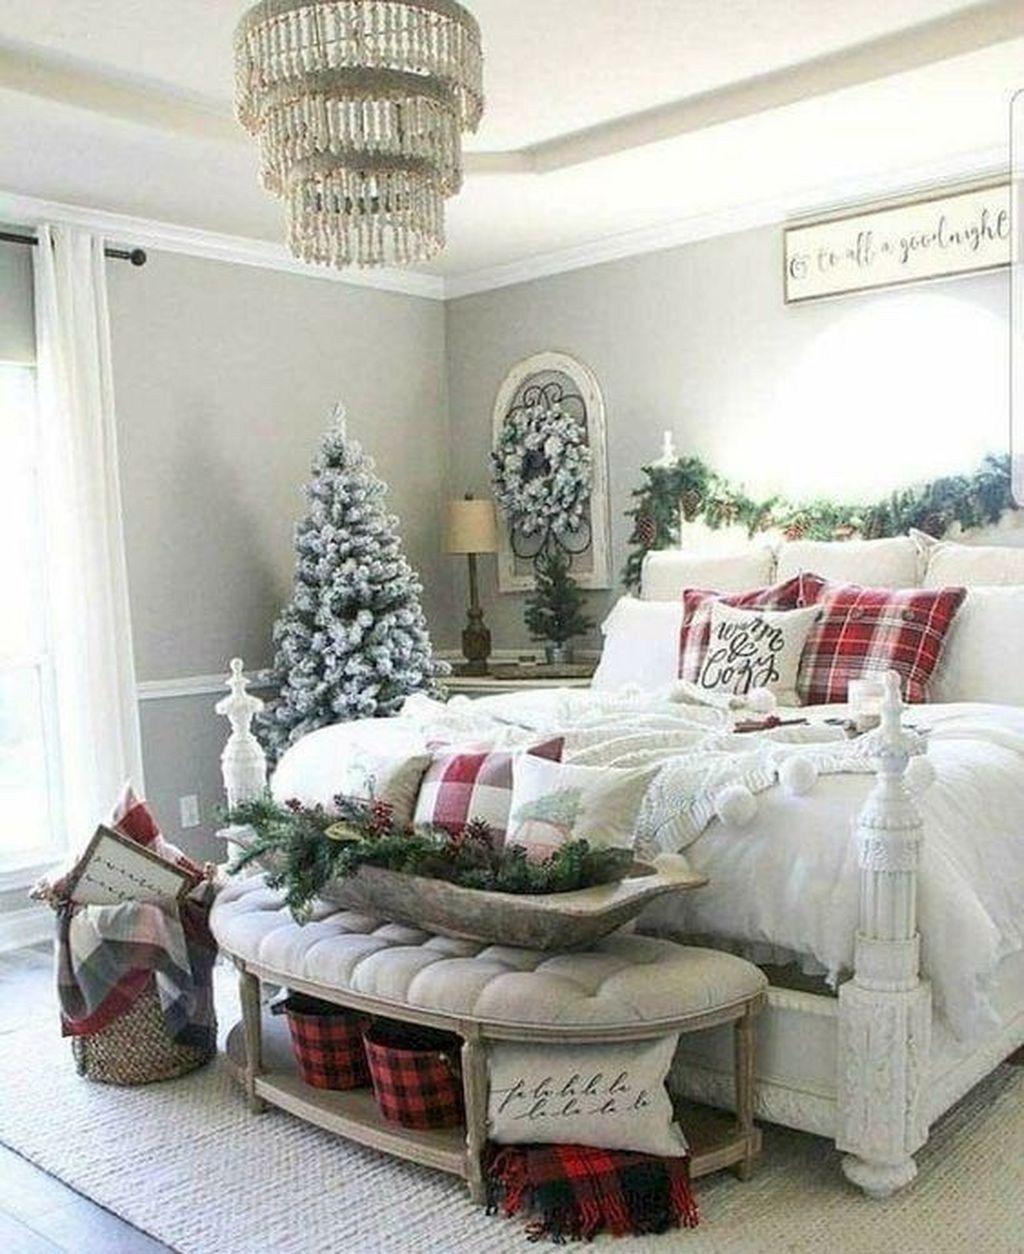 15 Amazing Winter Home Decoration Ideas  Chambre de noël, Idée de